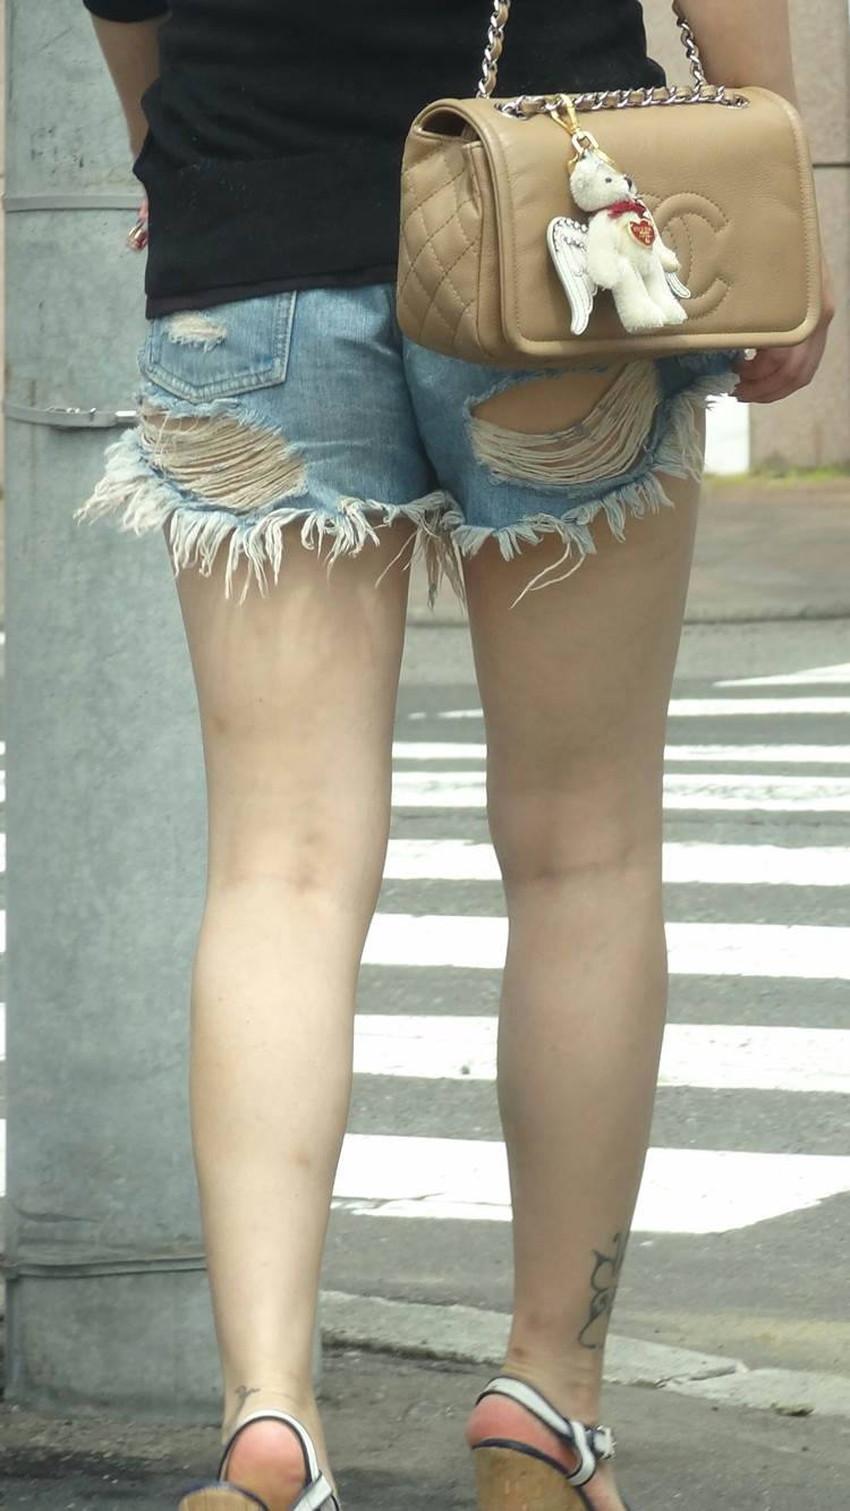 【ダメージジーンズエロ画像】ダメージすご過ぎて素人娘のパンティーが見えちゃってるダメージジーンズのエロ画像集!ww【80枚】 23